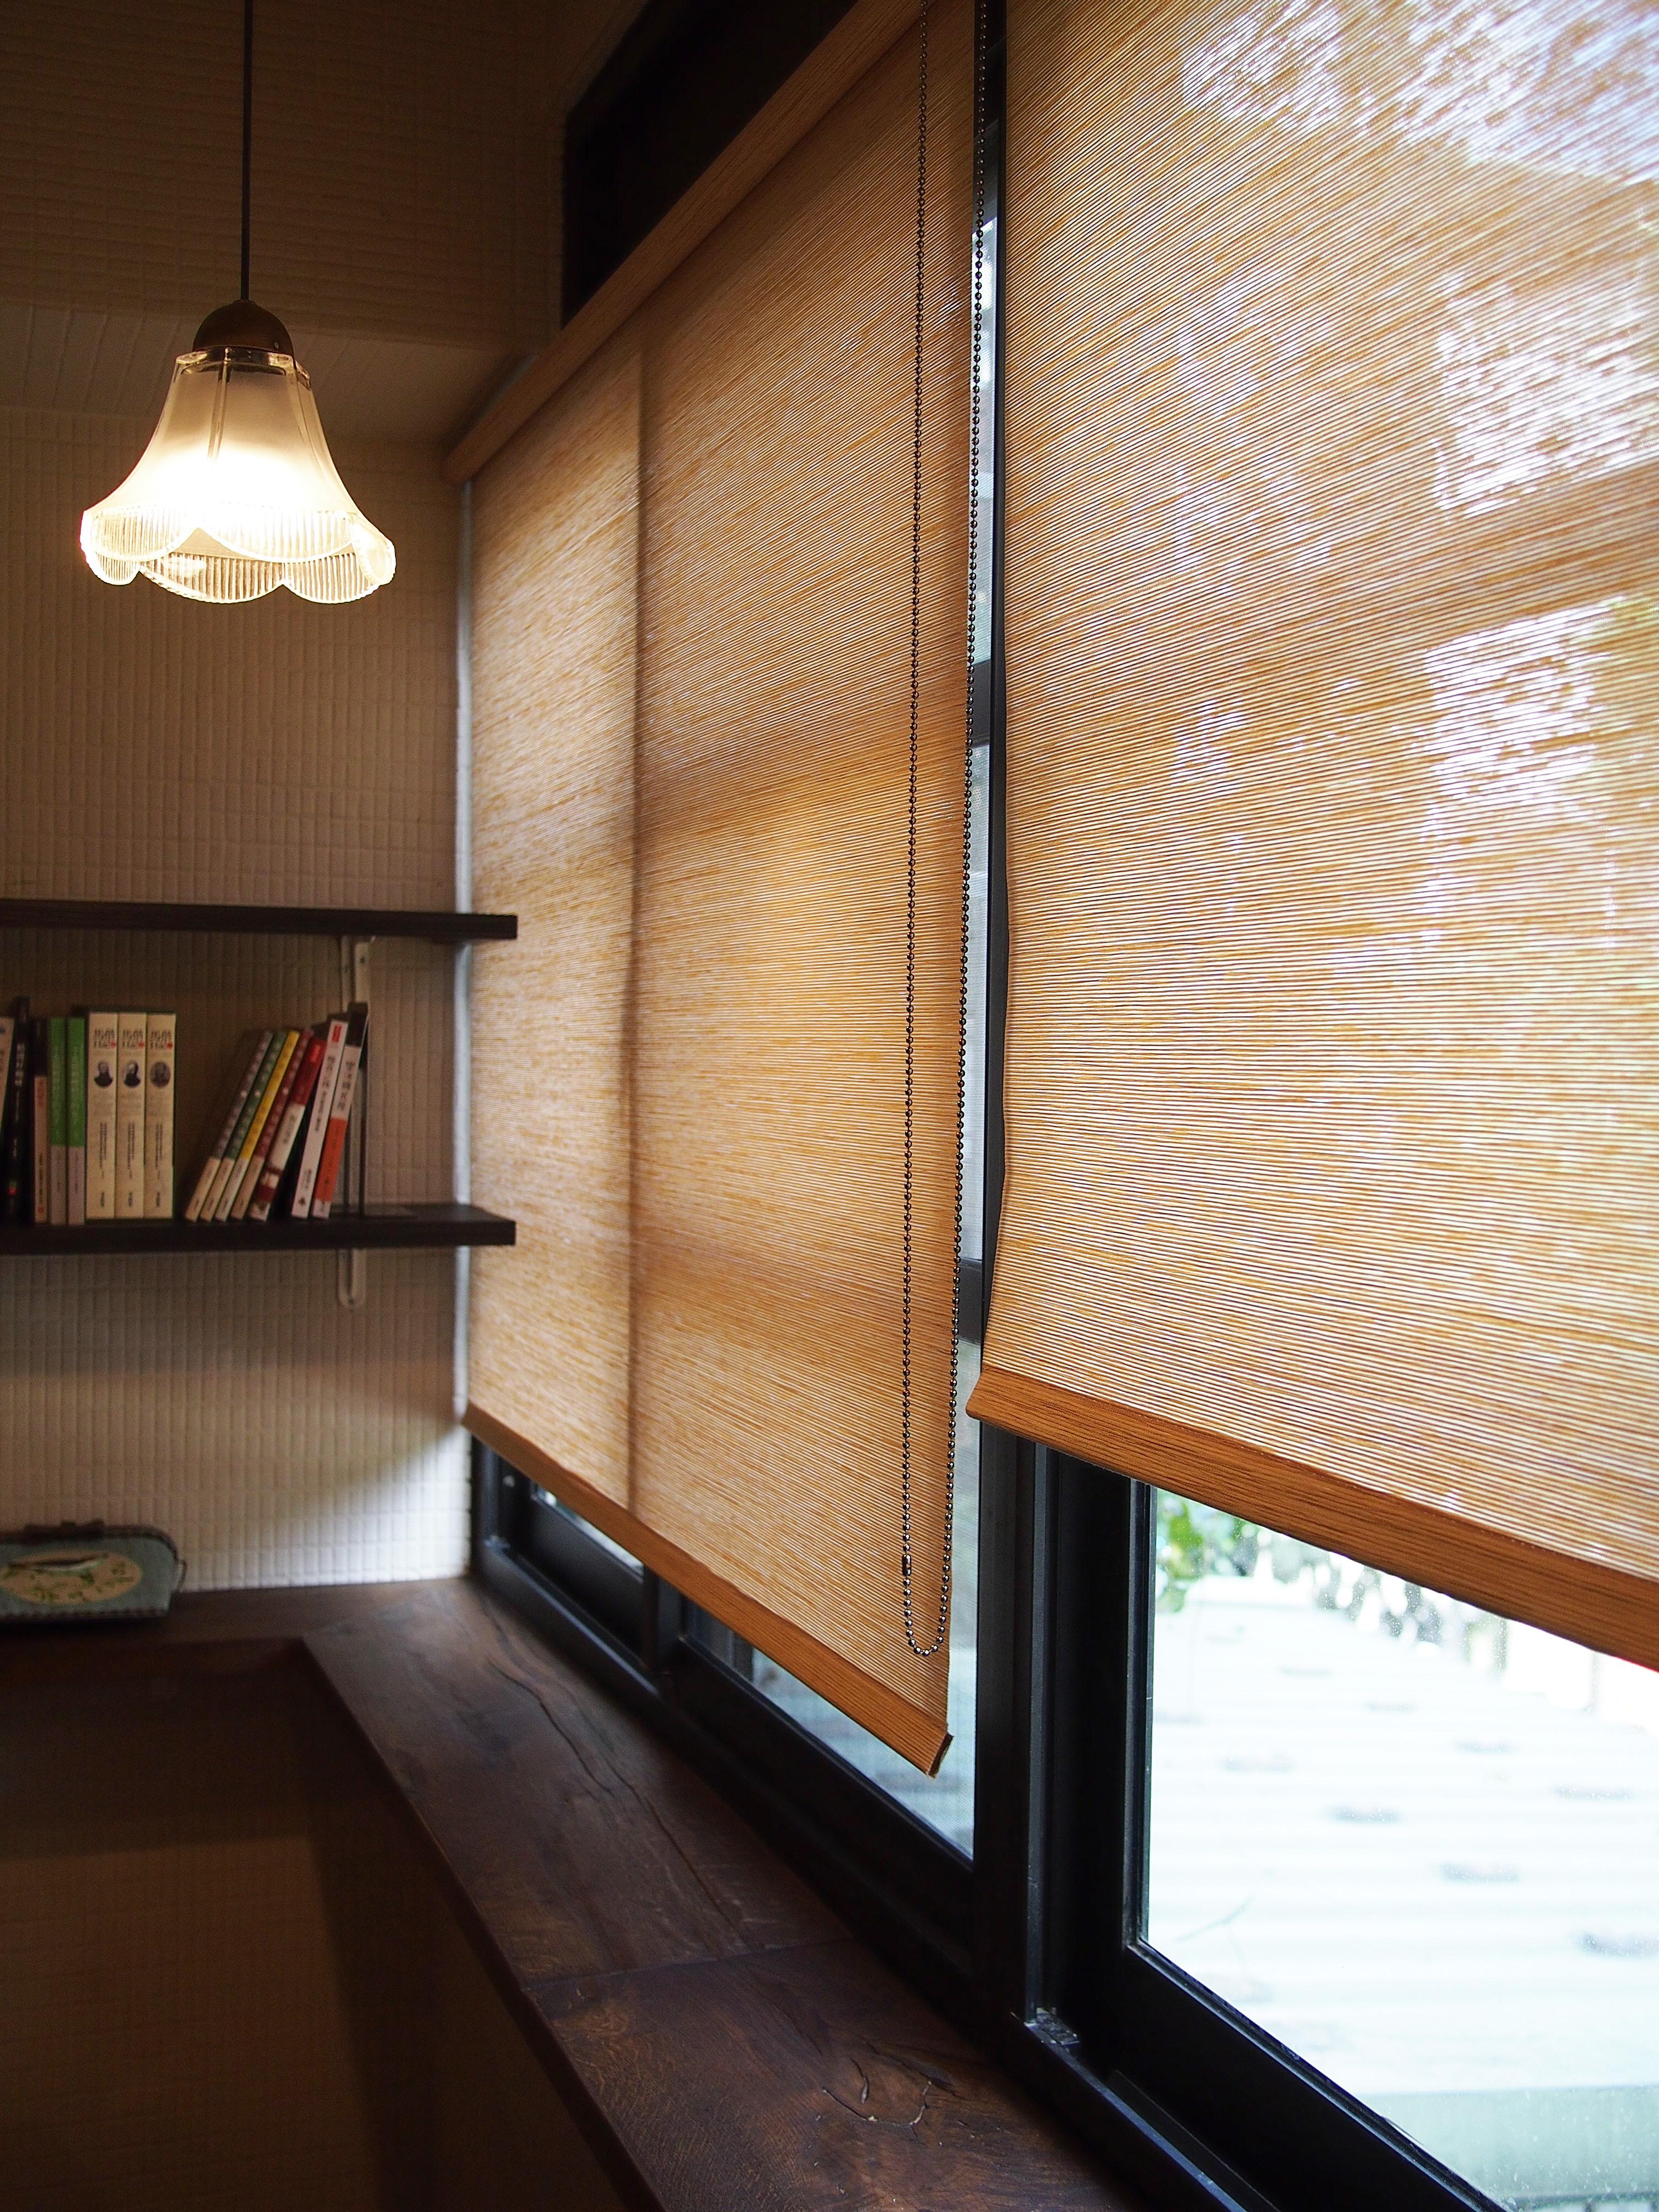 電動窗簾, 遮光窗簾, 自然風, 簡約, 窗簾顏色, 窗簾設計, 窗簾訂製, 窗簾清潔, 無拉繩, 採光窗簾, 印花捲簾, 兒童安全